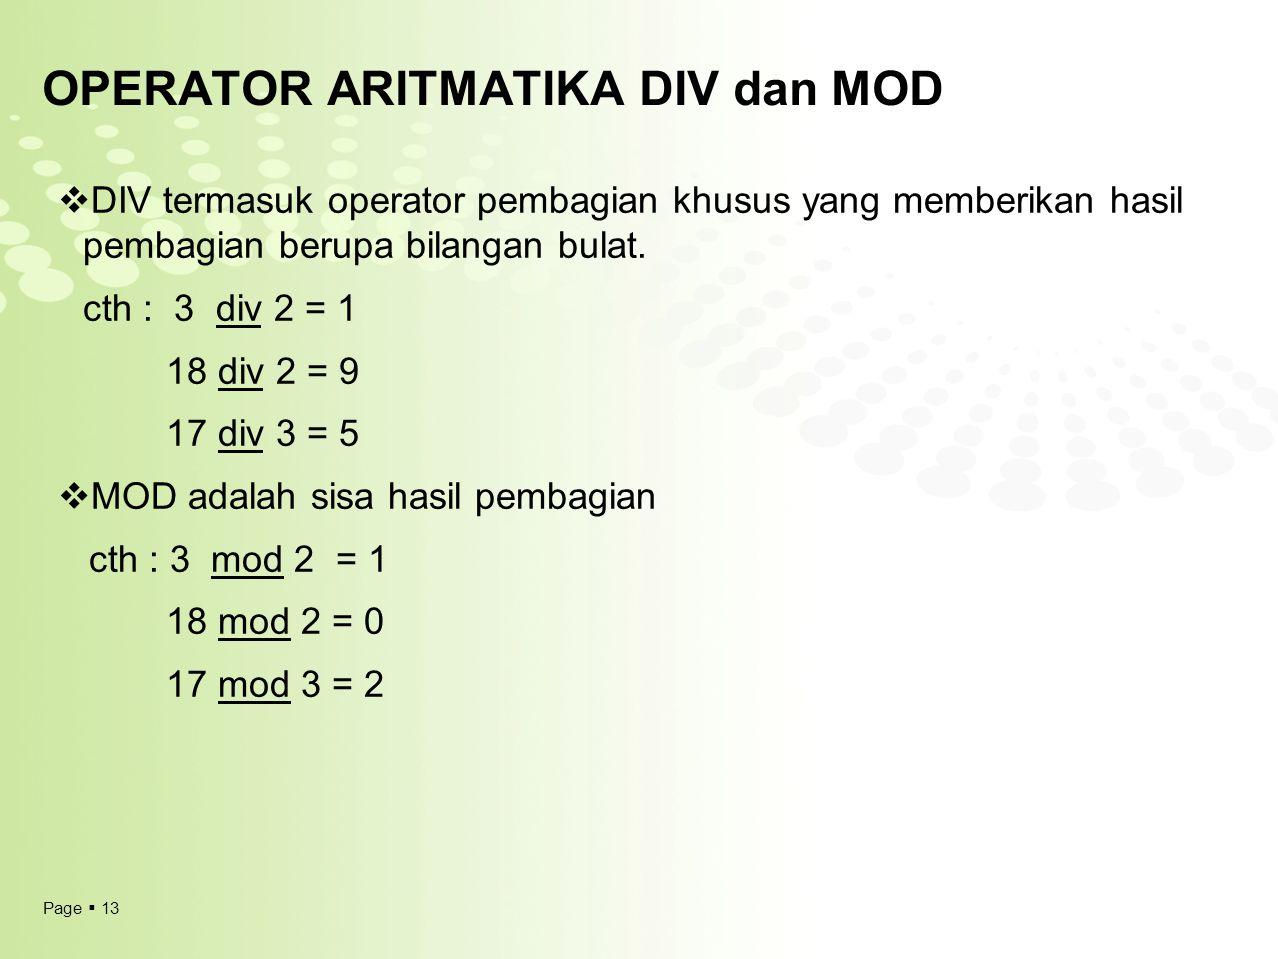 Page  13 OPERATOR ARITMATIKA DIV dan MOD  DIV termasuk operator pembagian khusus yang memberikan hasil pembagian berupa bilangan bulat. cth : 3 div